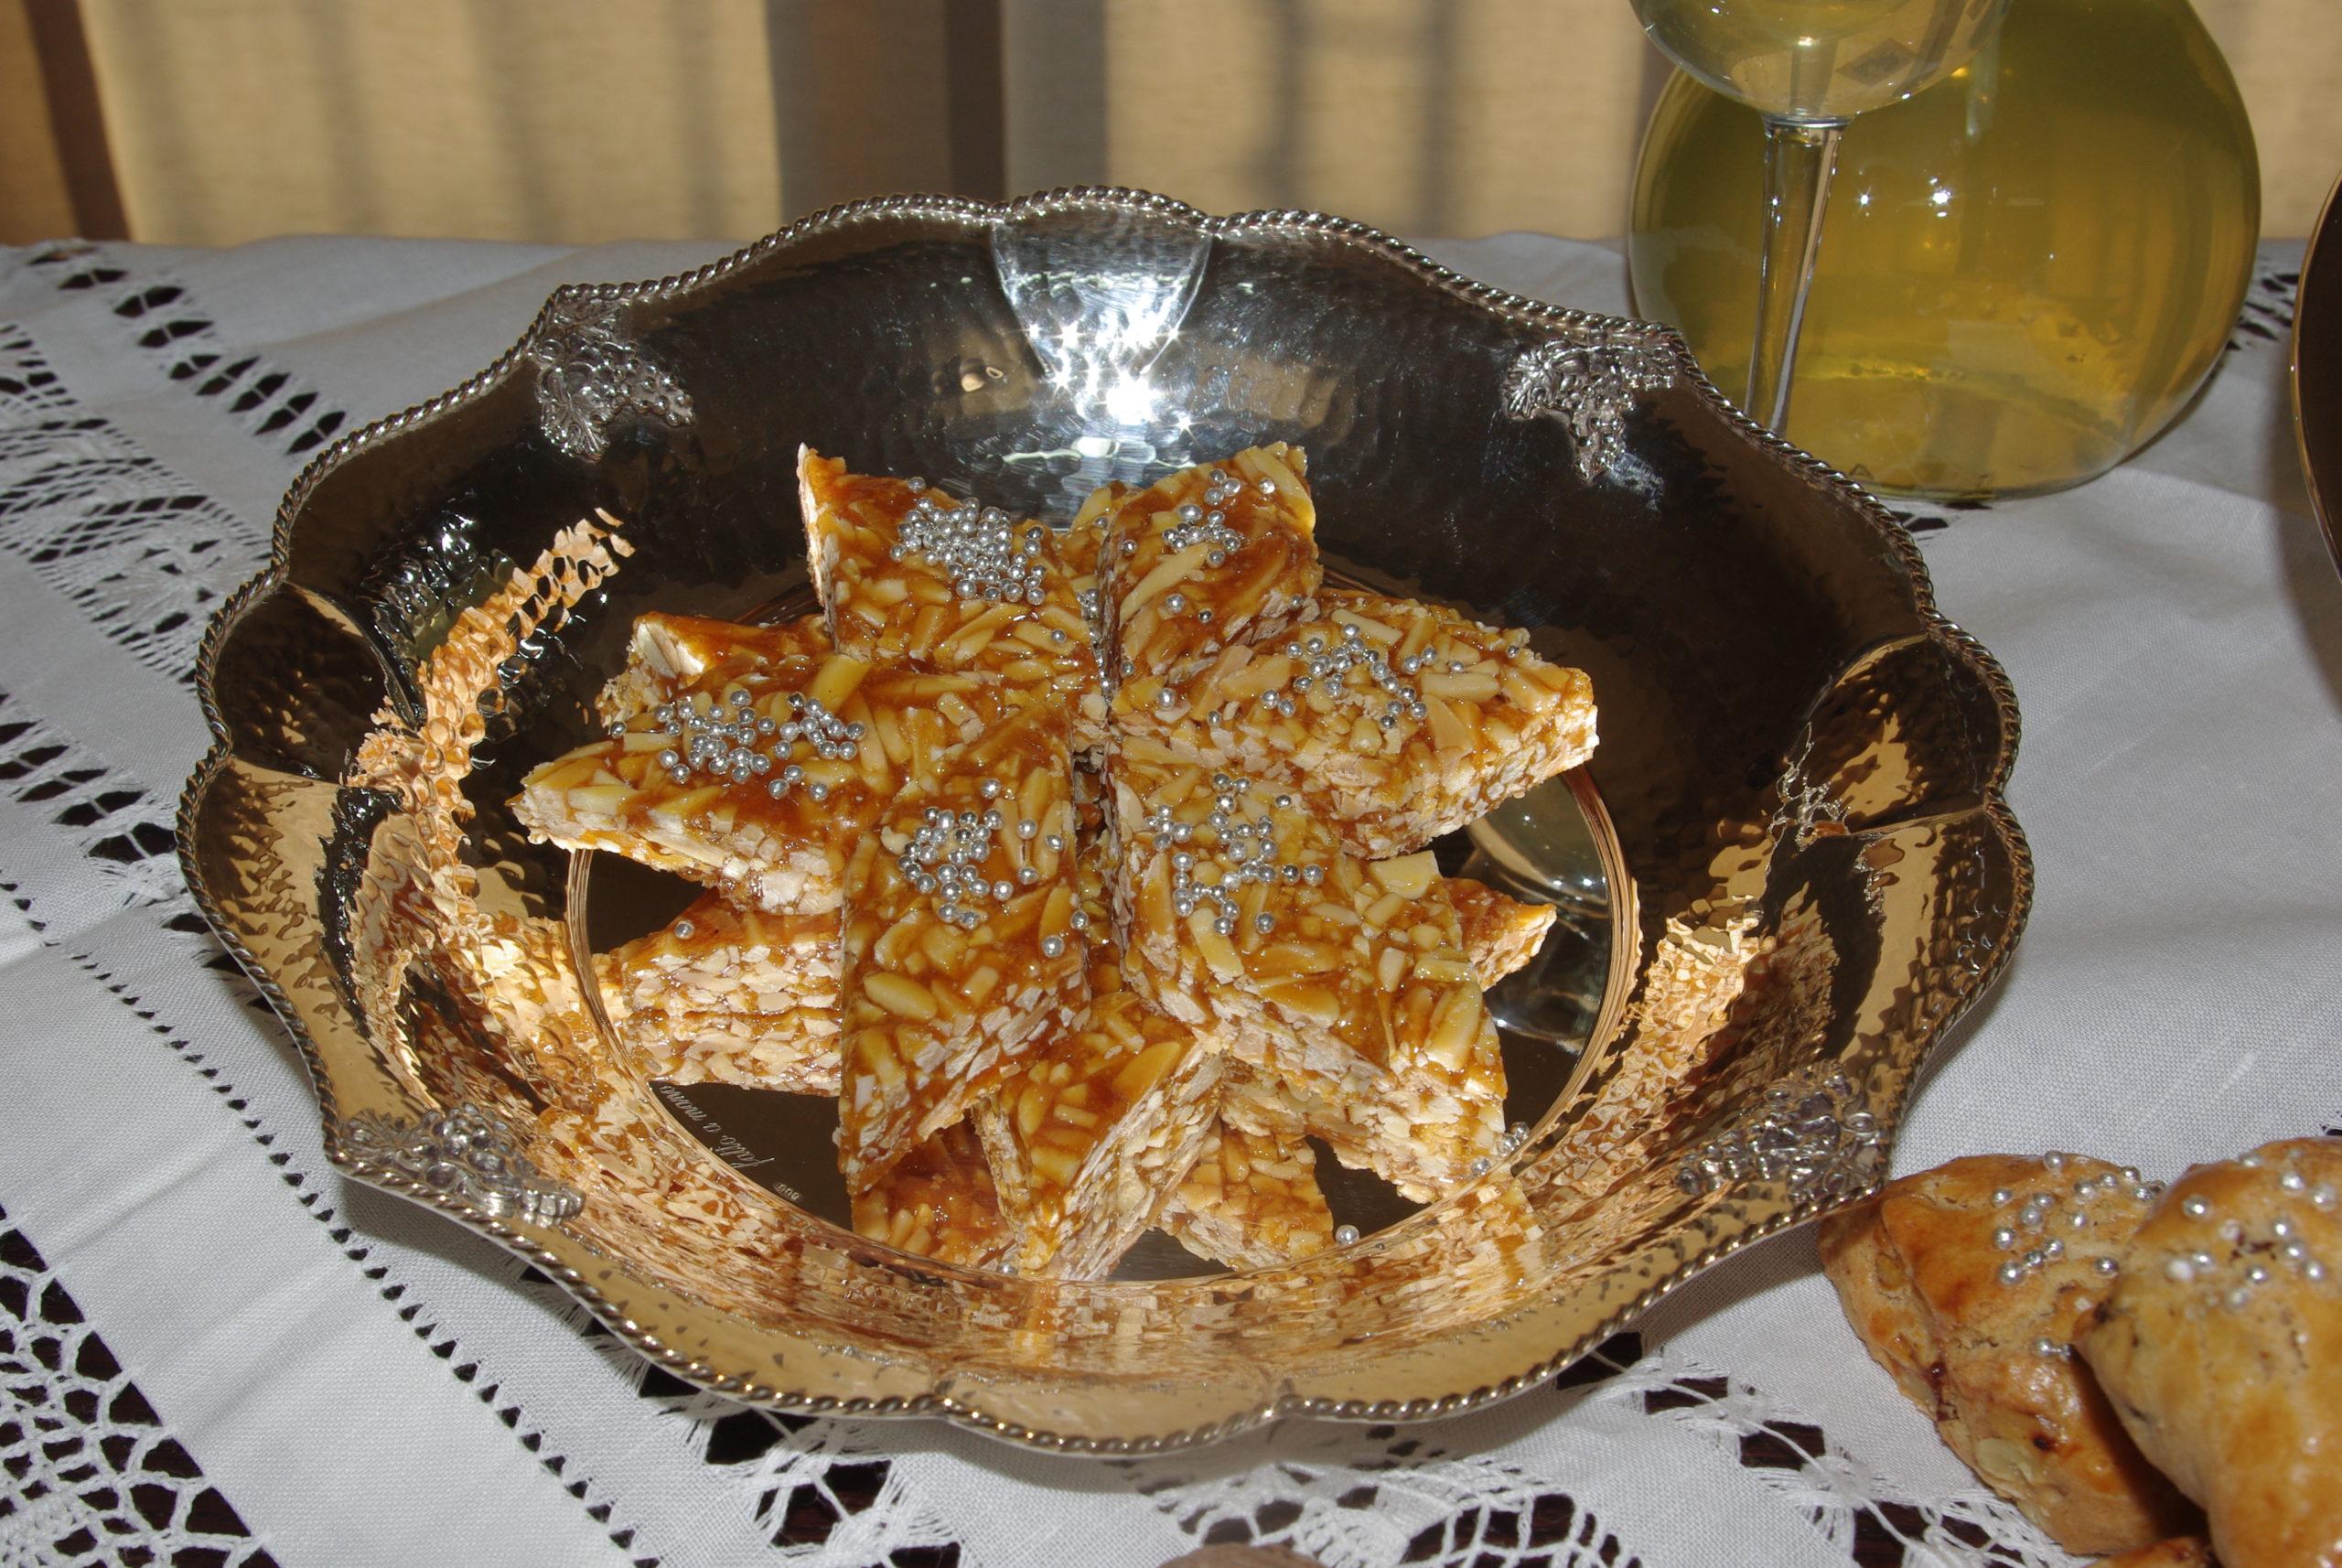 Gateau:  Mandorle tagliate a listelli, zucchero e limone, per un dolce croccante e gustoso.